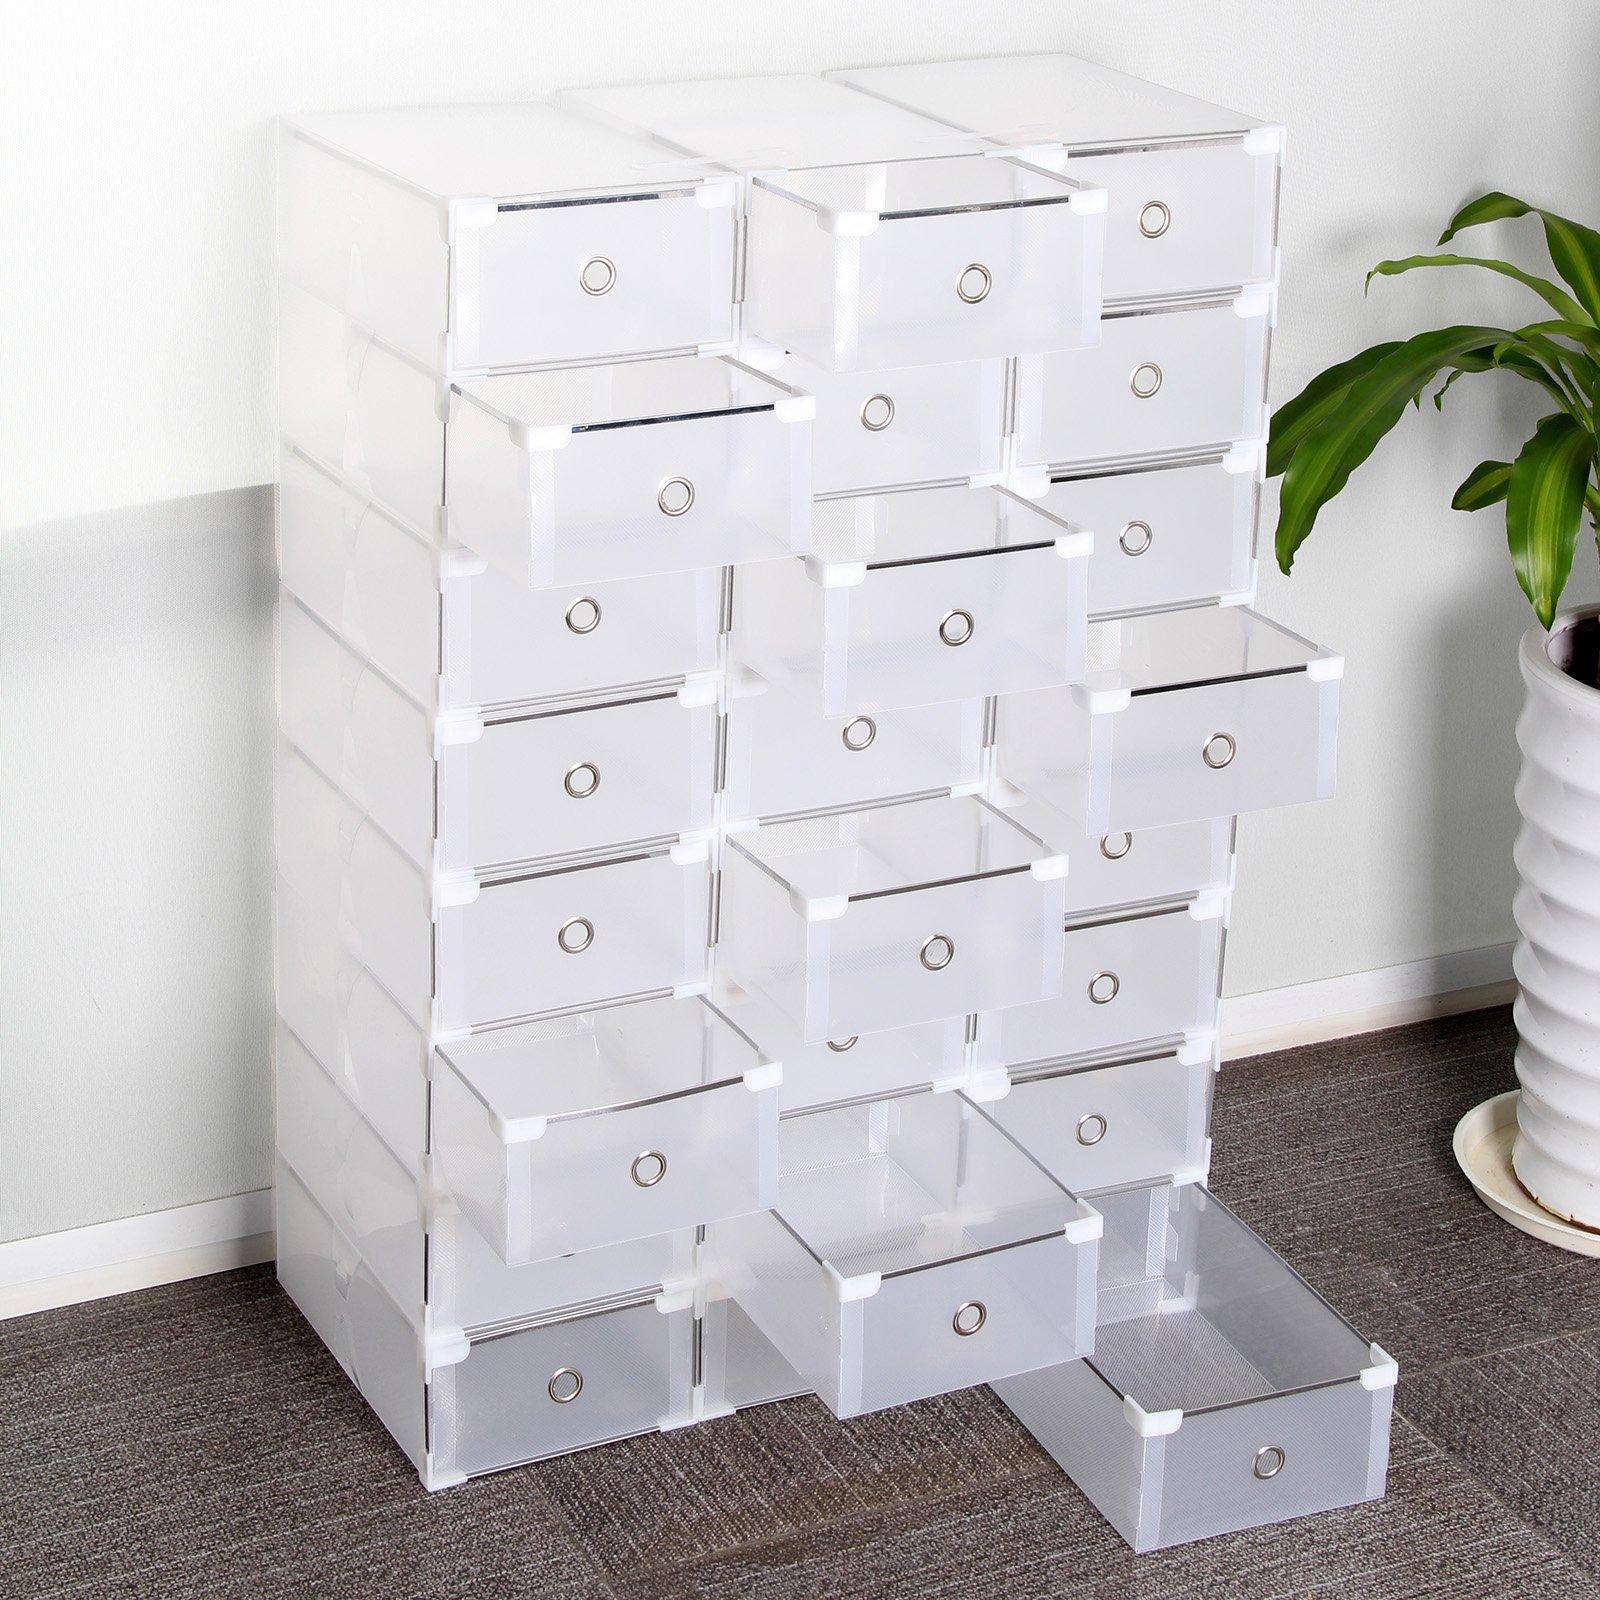 MultiWare 24Pcs Shoe Boxes Storage Transparen Drawer Plastic Foldable Stackable